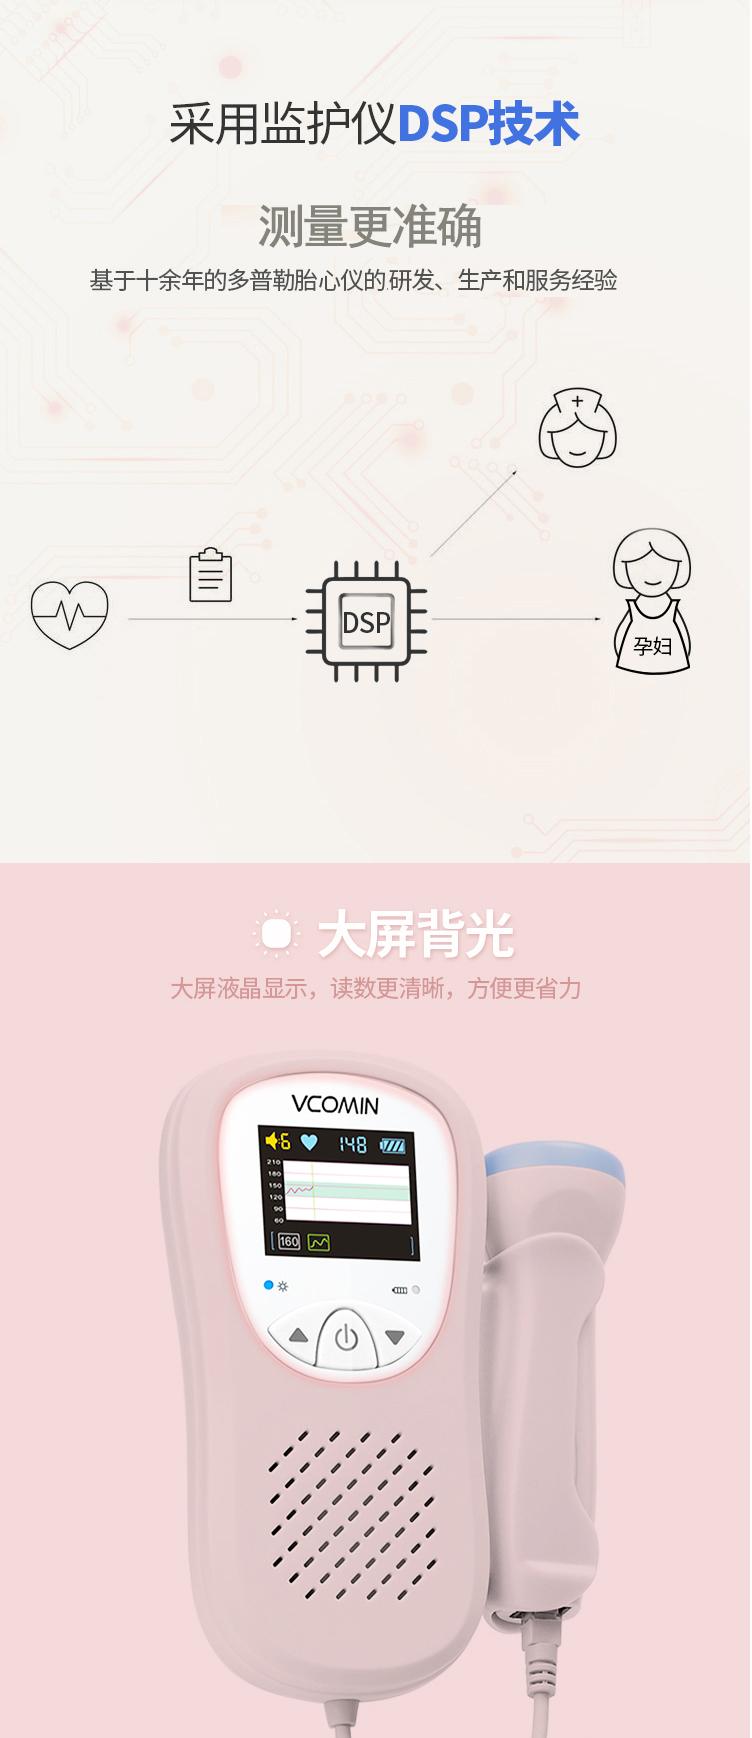 卫康明多普勒胎心仪FD-240G 家用孕妇胎心监测仪宝宝胎音仪